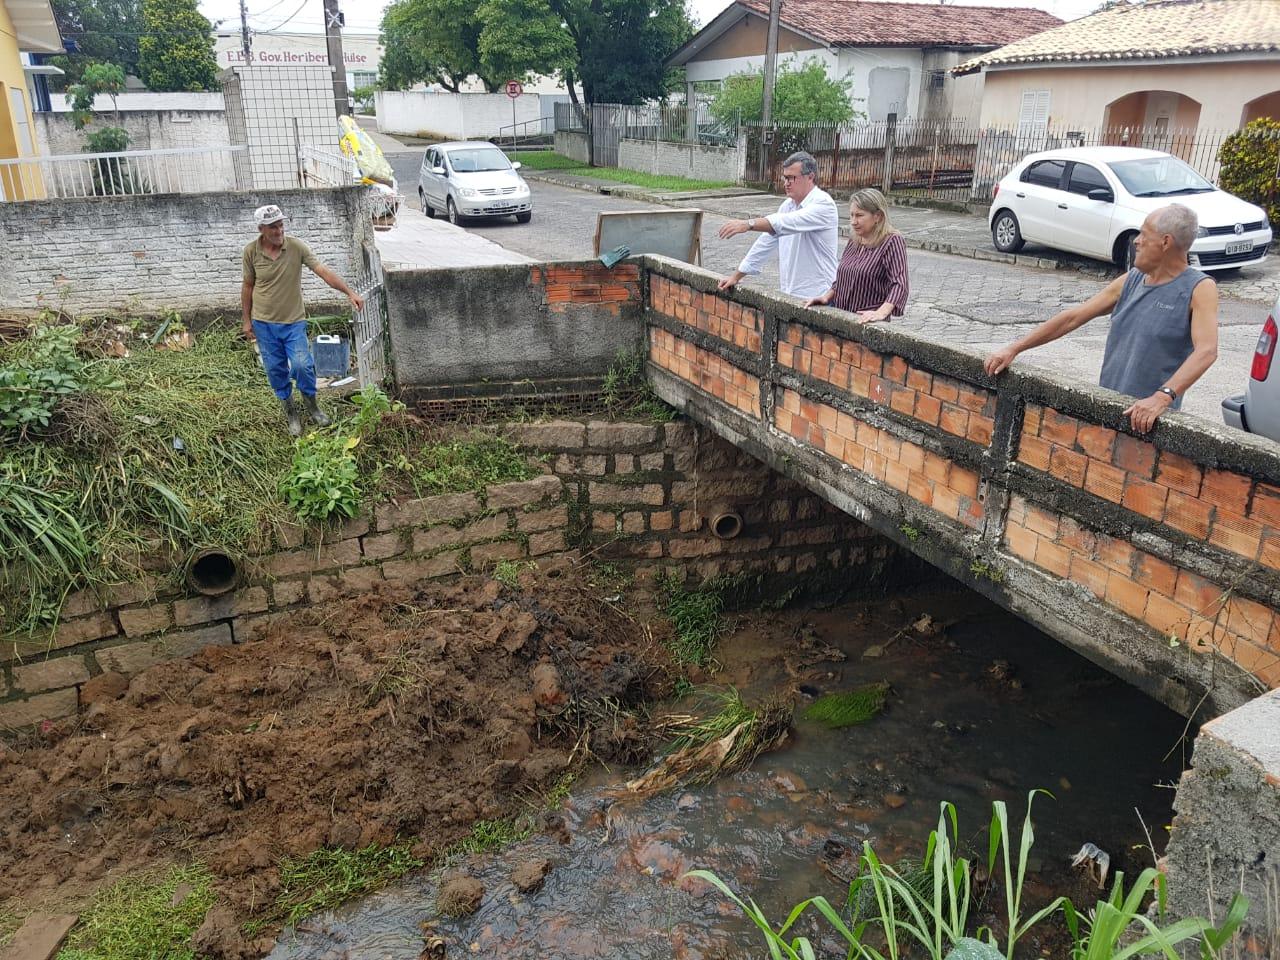 Prefeitura Municipal de Criciúma - Processo de desassoreamento começa a ser feito no Rio das Antas, no bairro Próspera